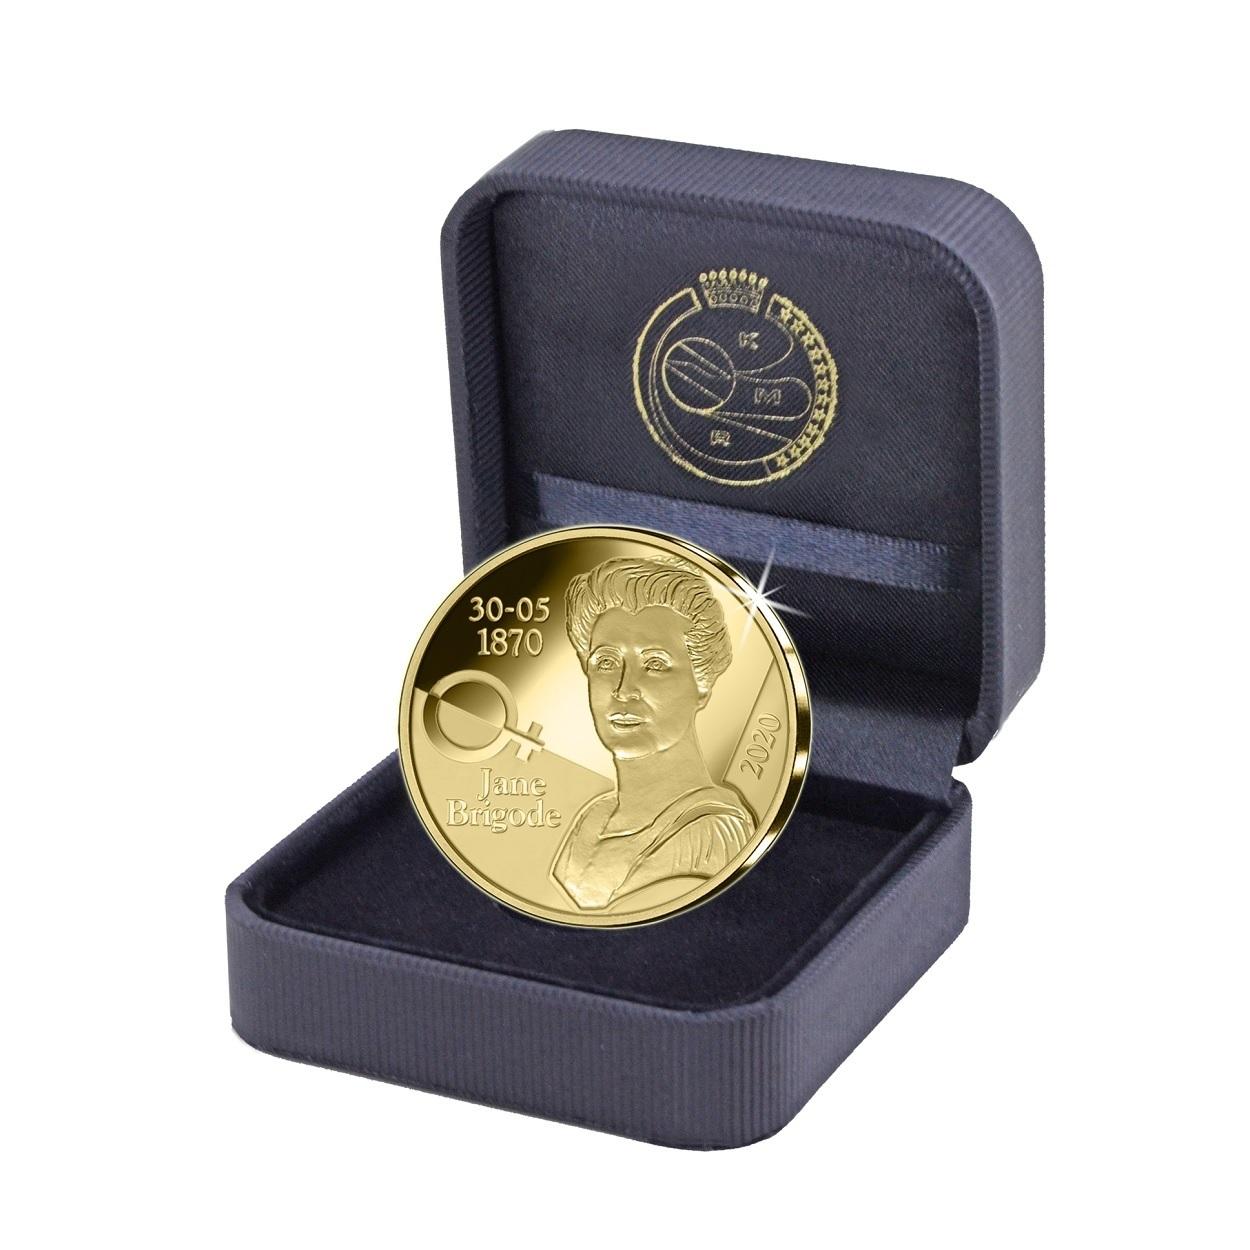 (EUR02.ComBU&BE.2020.1250.BE.COM1) 12.50 euro Belgium 2020 Proof gold - Jane Brigode (case) (zoom)